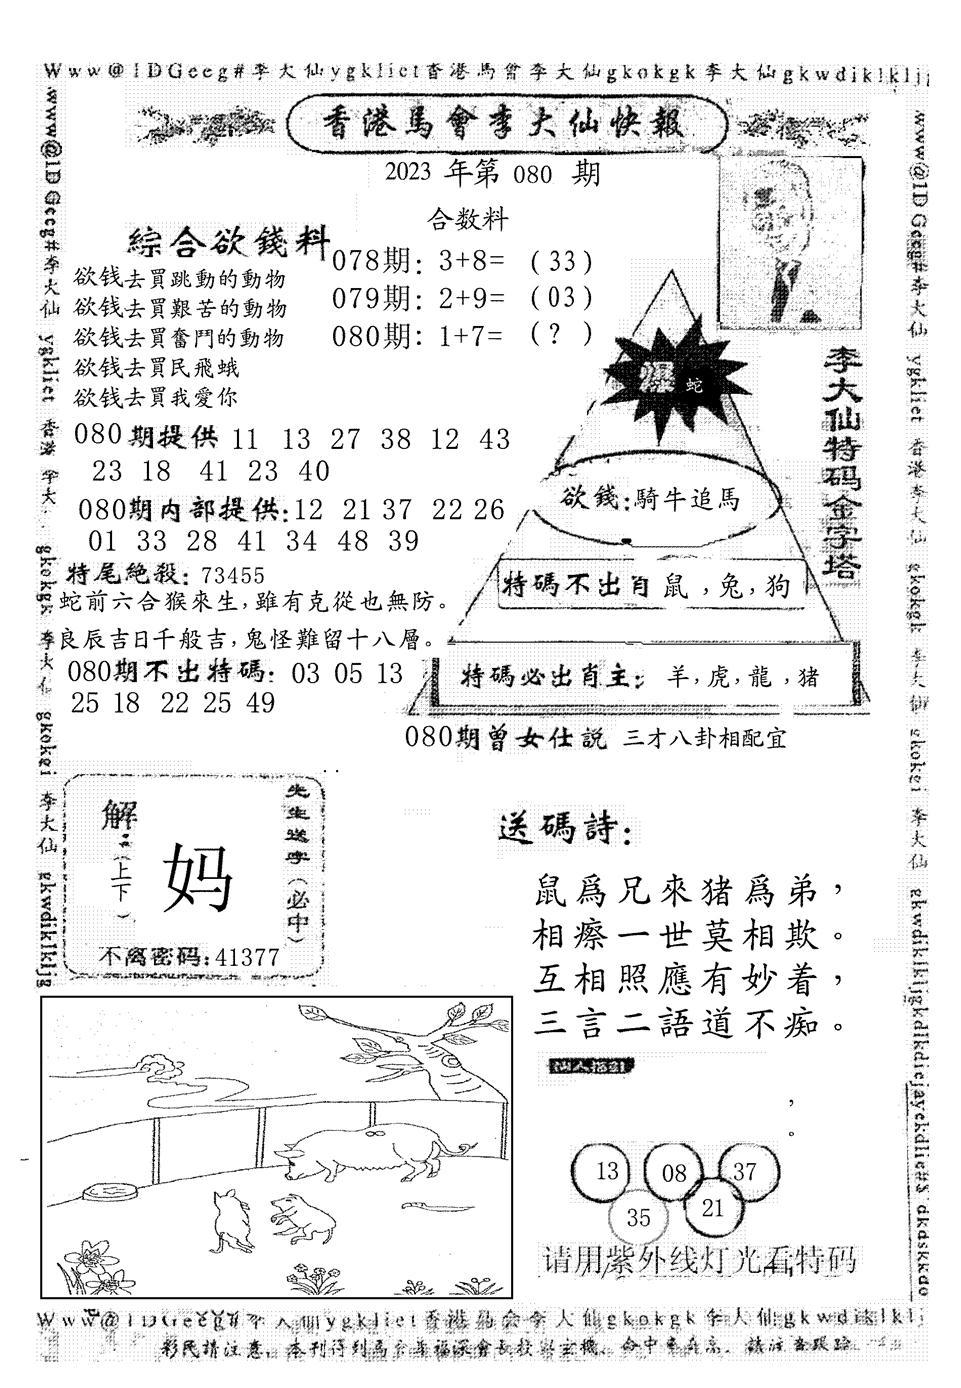 080期另版李大仙快报(黑白)